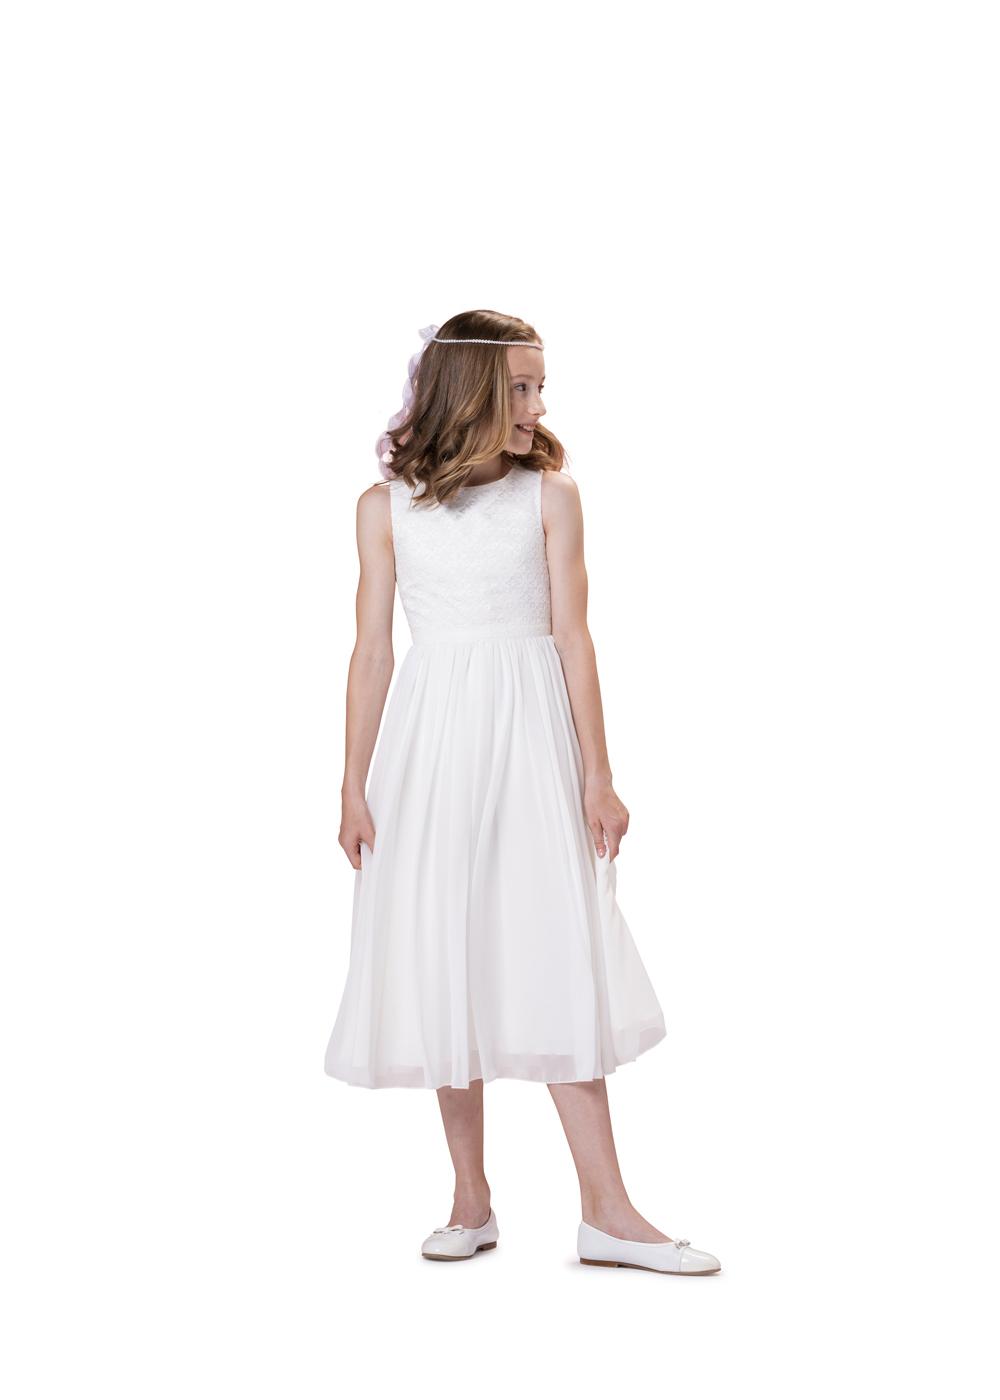 Schlichtes Kommunionkleid von Biancorella - Modell 520033. Schlichtes und dennoch elegantes Kleid mit rundem Ausschnitt ohne Ärmel.